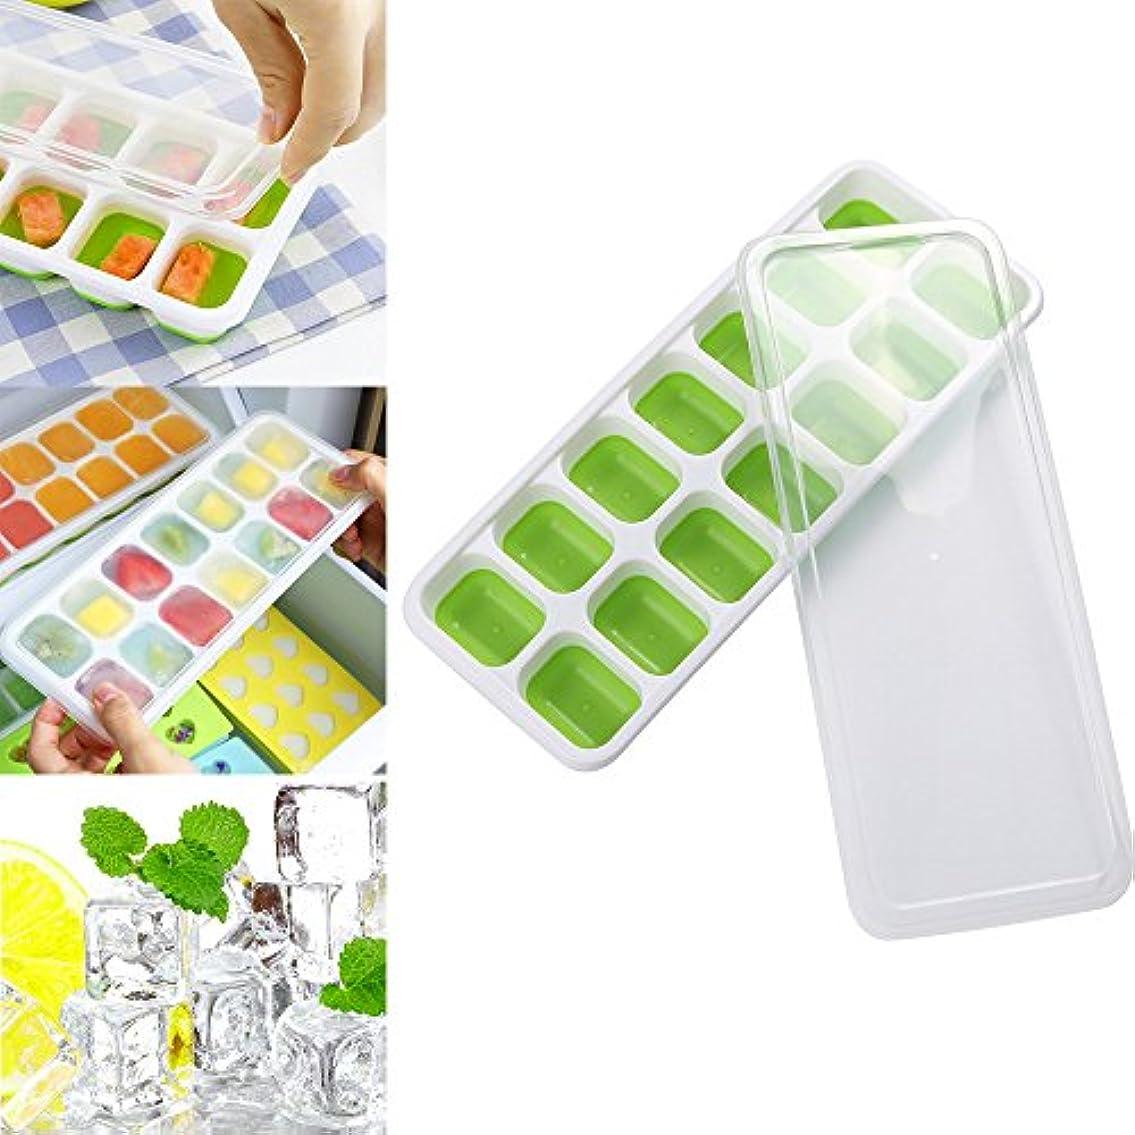 旋回びっくりしたかすかなYu2d カバー付きアイスキューブトレイセット 14個のアイスキューブ型 柔軟なゴムプラスチック (a、b、c) 標準 グリーン Yu2d 0023